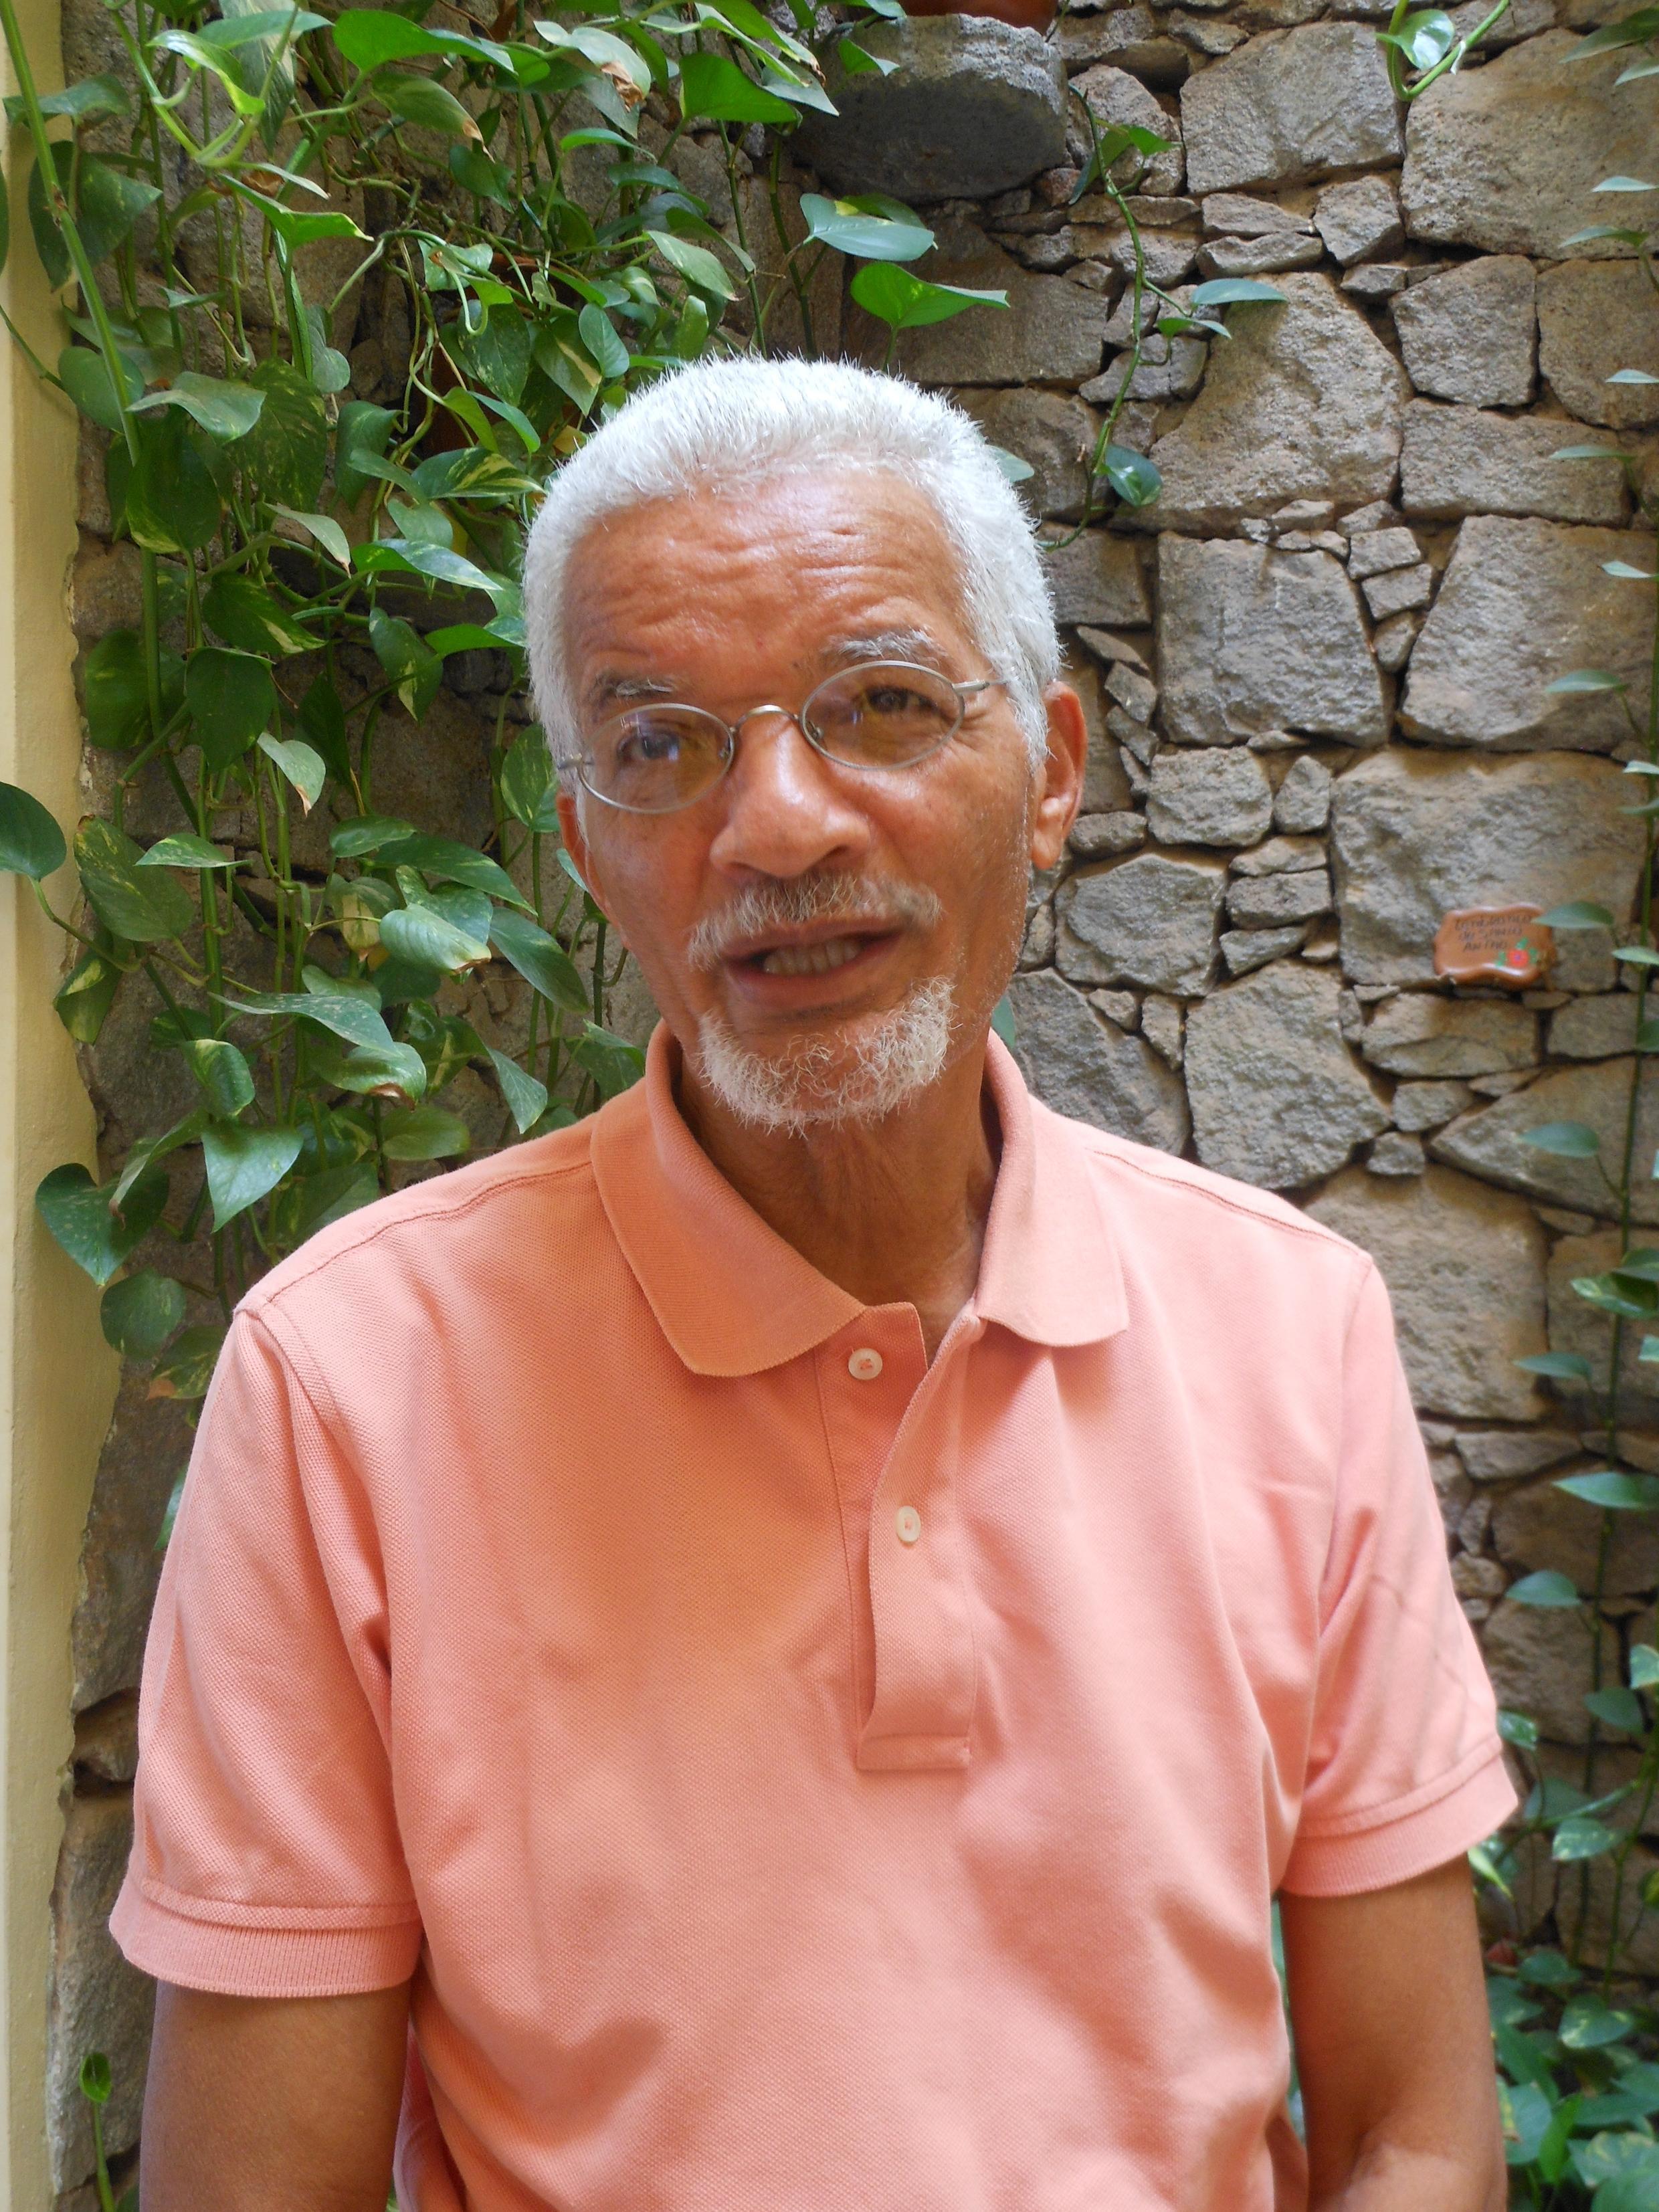 Corsino Tolentino, investigador no Instituto da África Ocidental (I.A.O.)